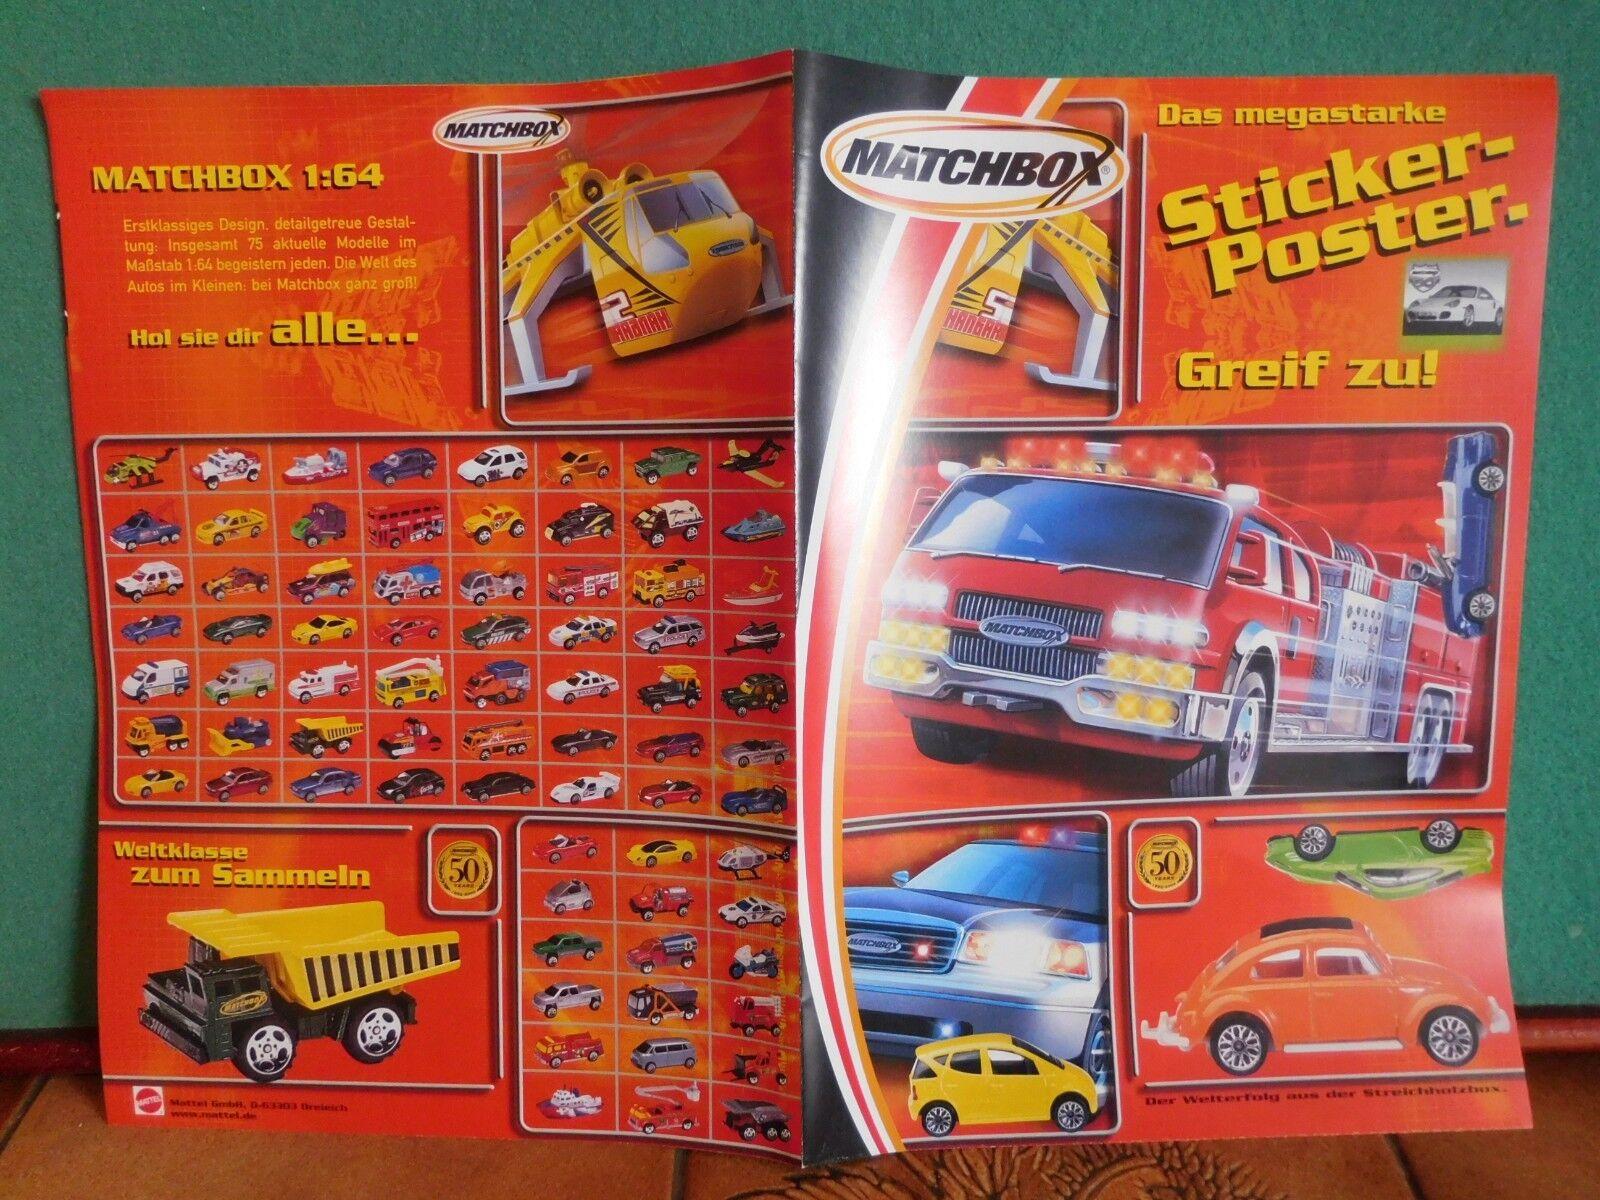 50 years Matchbox 2002 sticker sticker sticker póster póster folleto modellbau maquetas de coches  precio mas barato